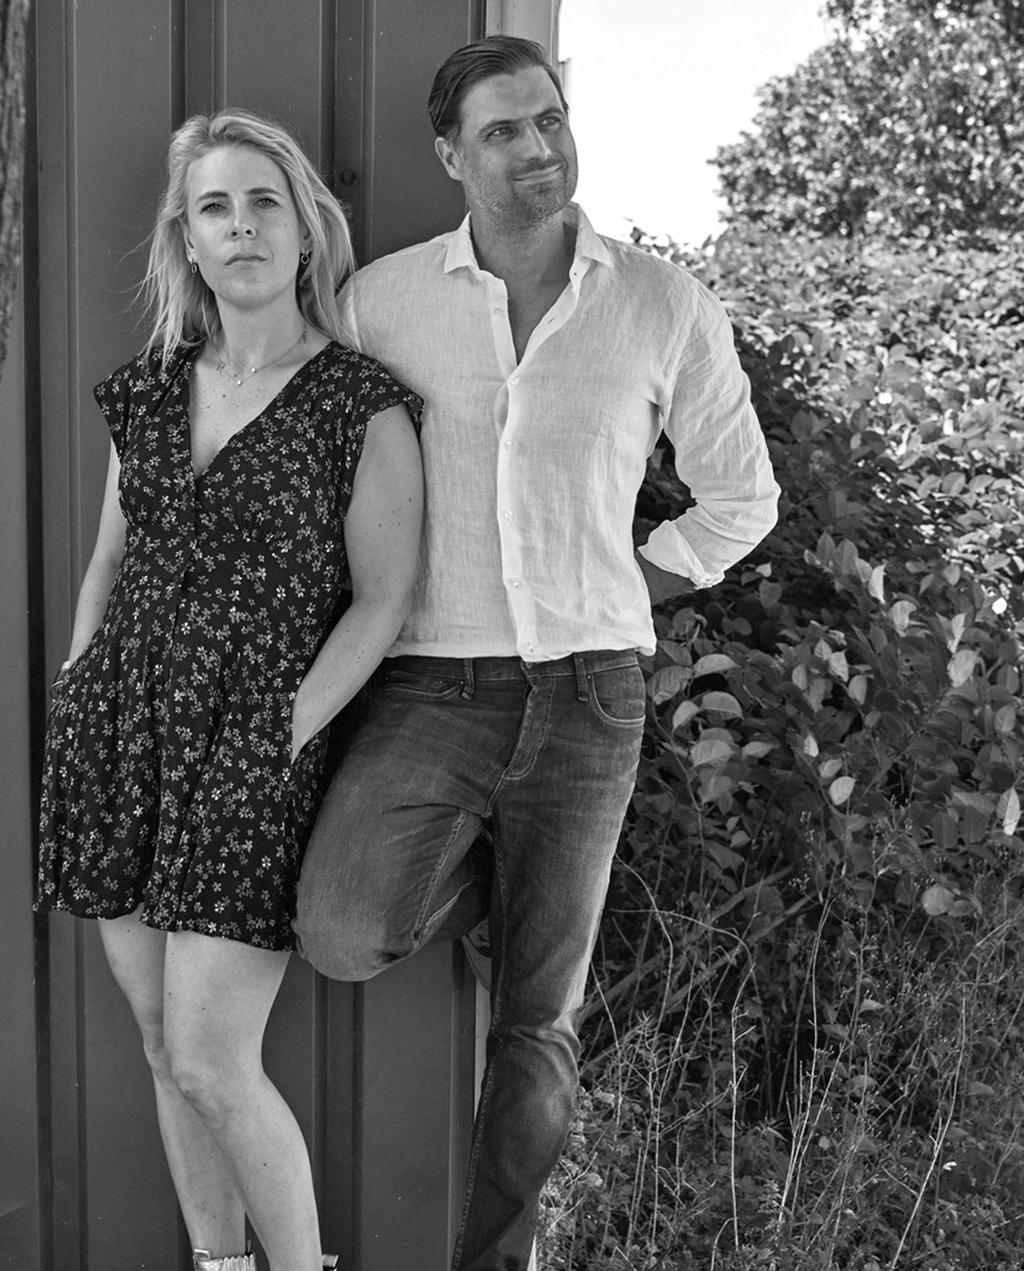 vtwonen tuin special 2 2020 | Bart en Esther Biesot portret